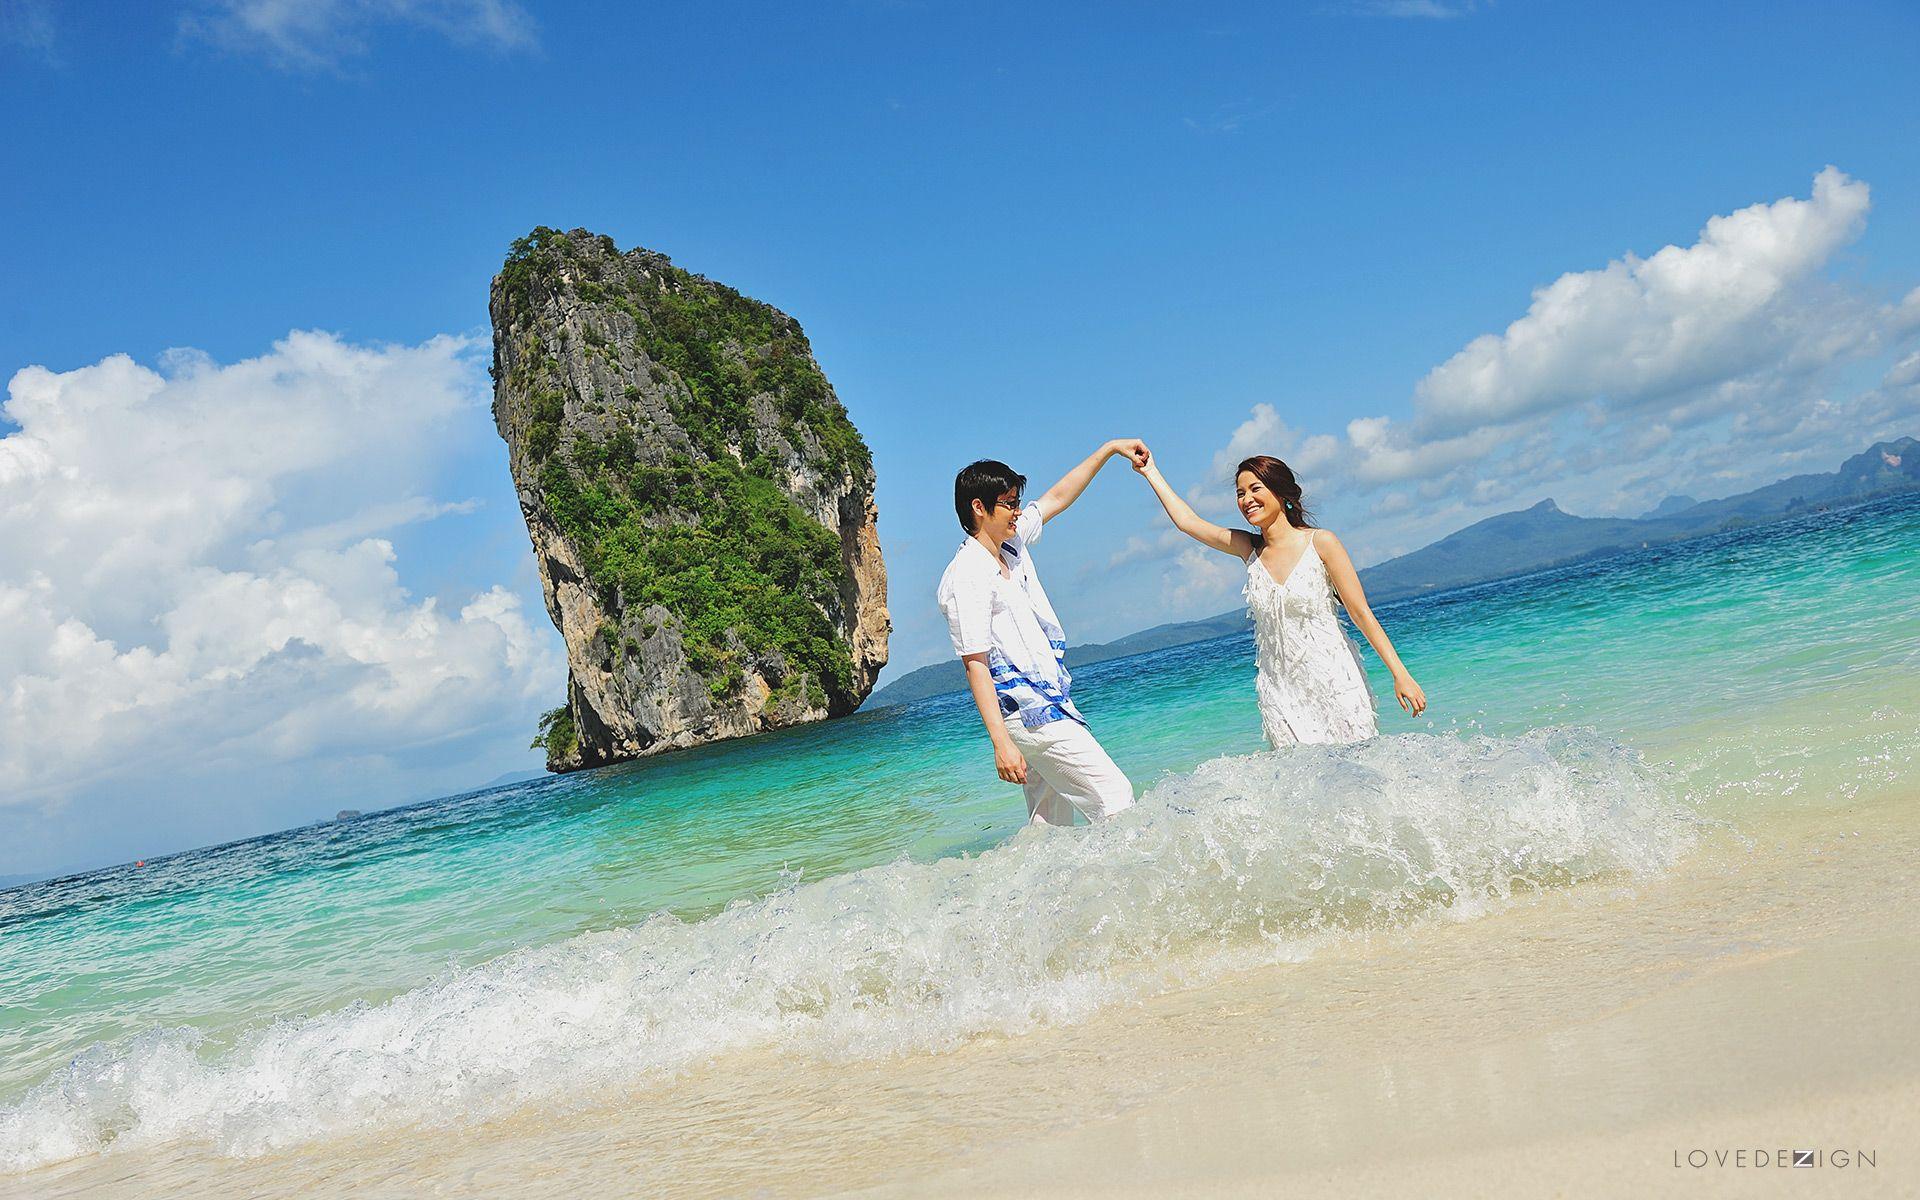 engagement photo from koh poda poda island krabi